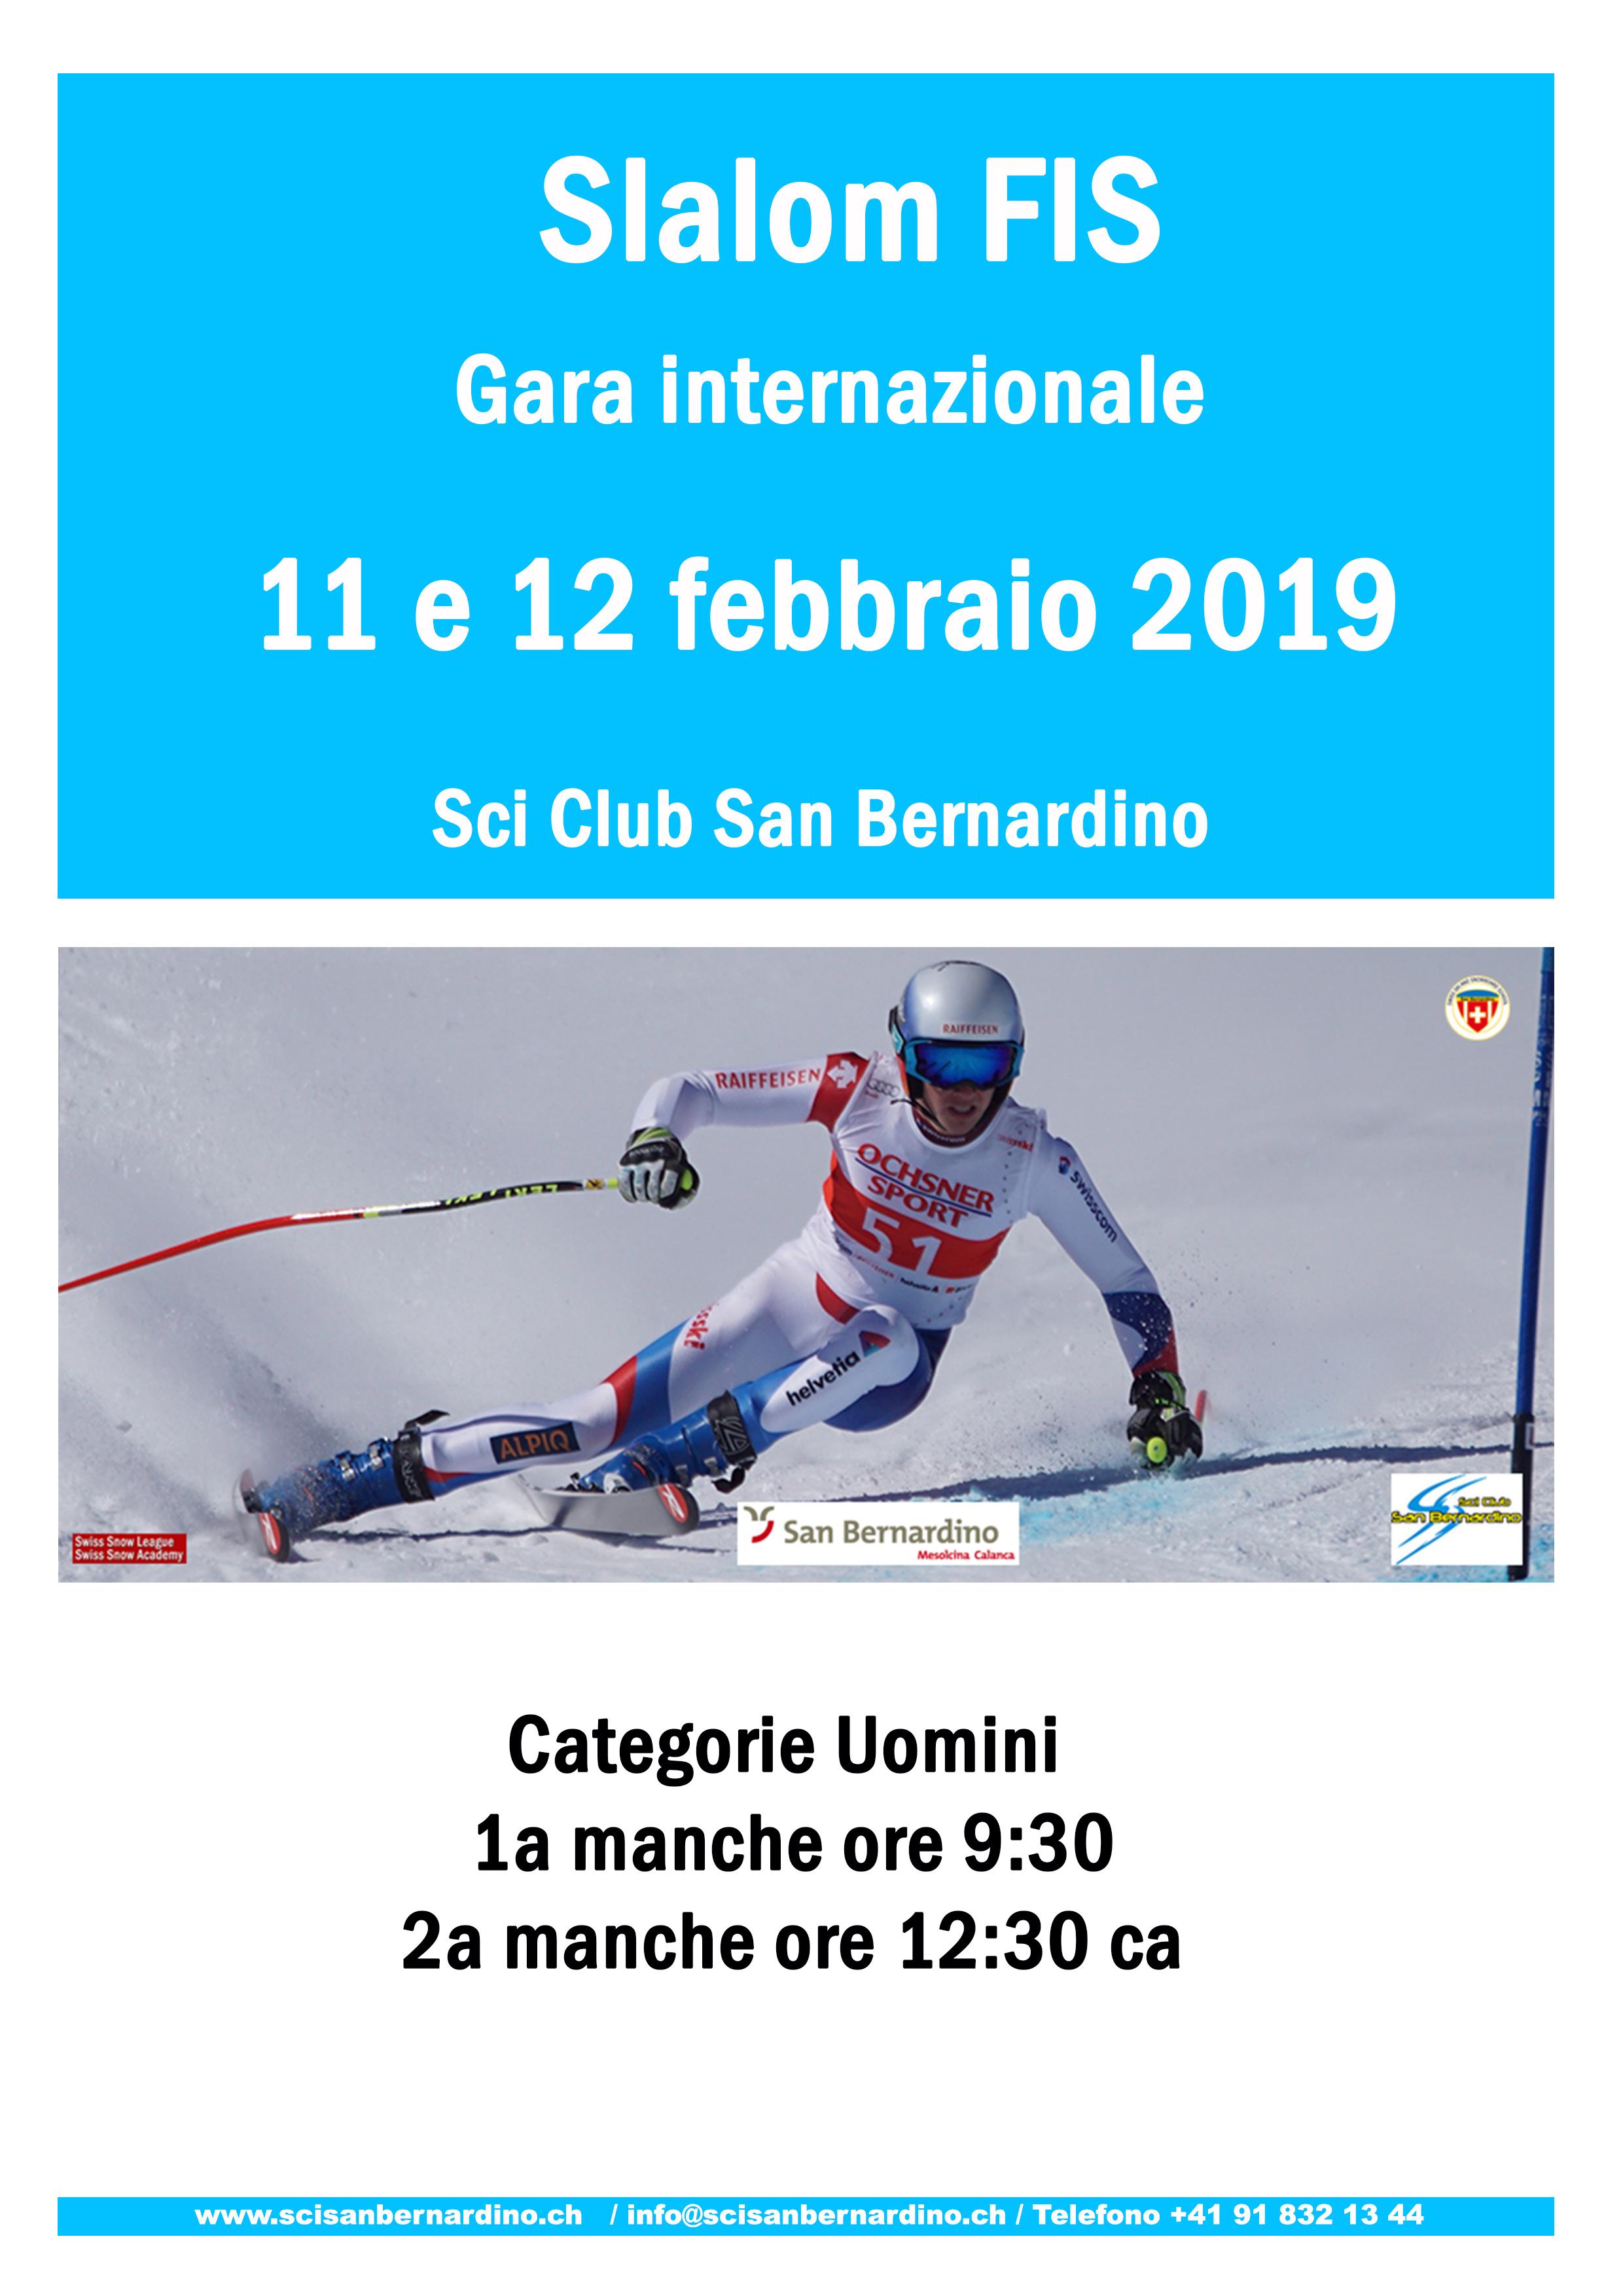 11 e 12.02.2019 Slalom FIS – Gara internazionale